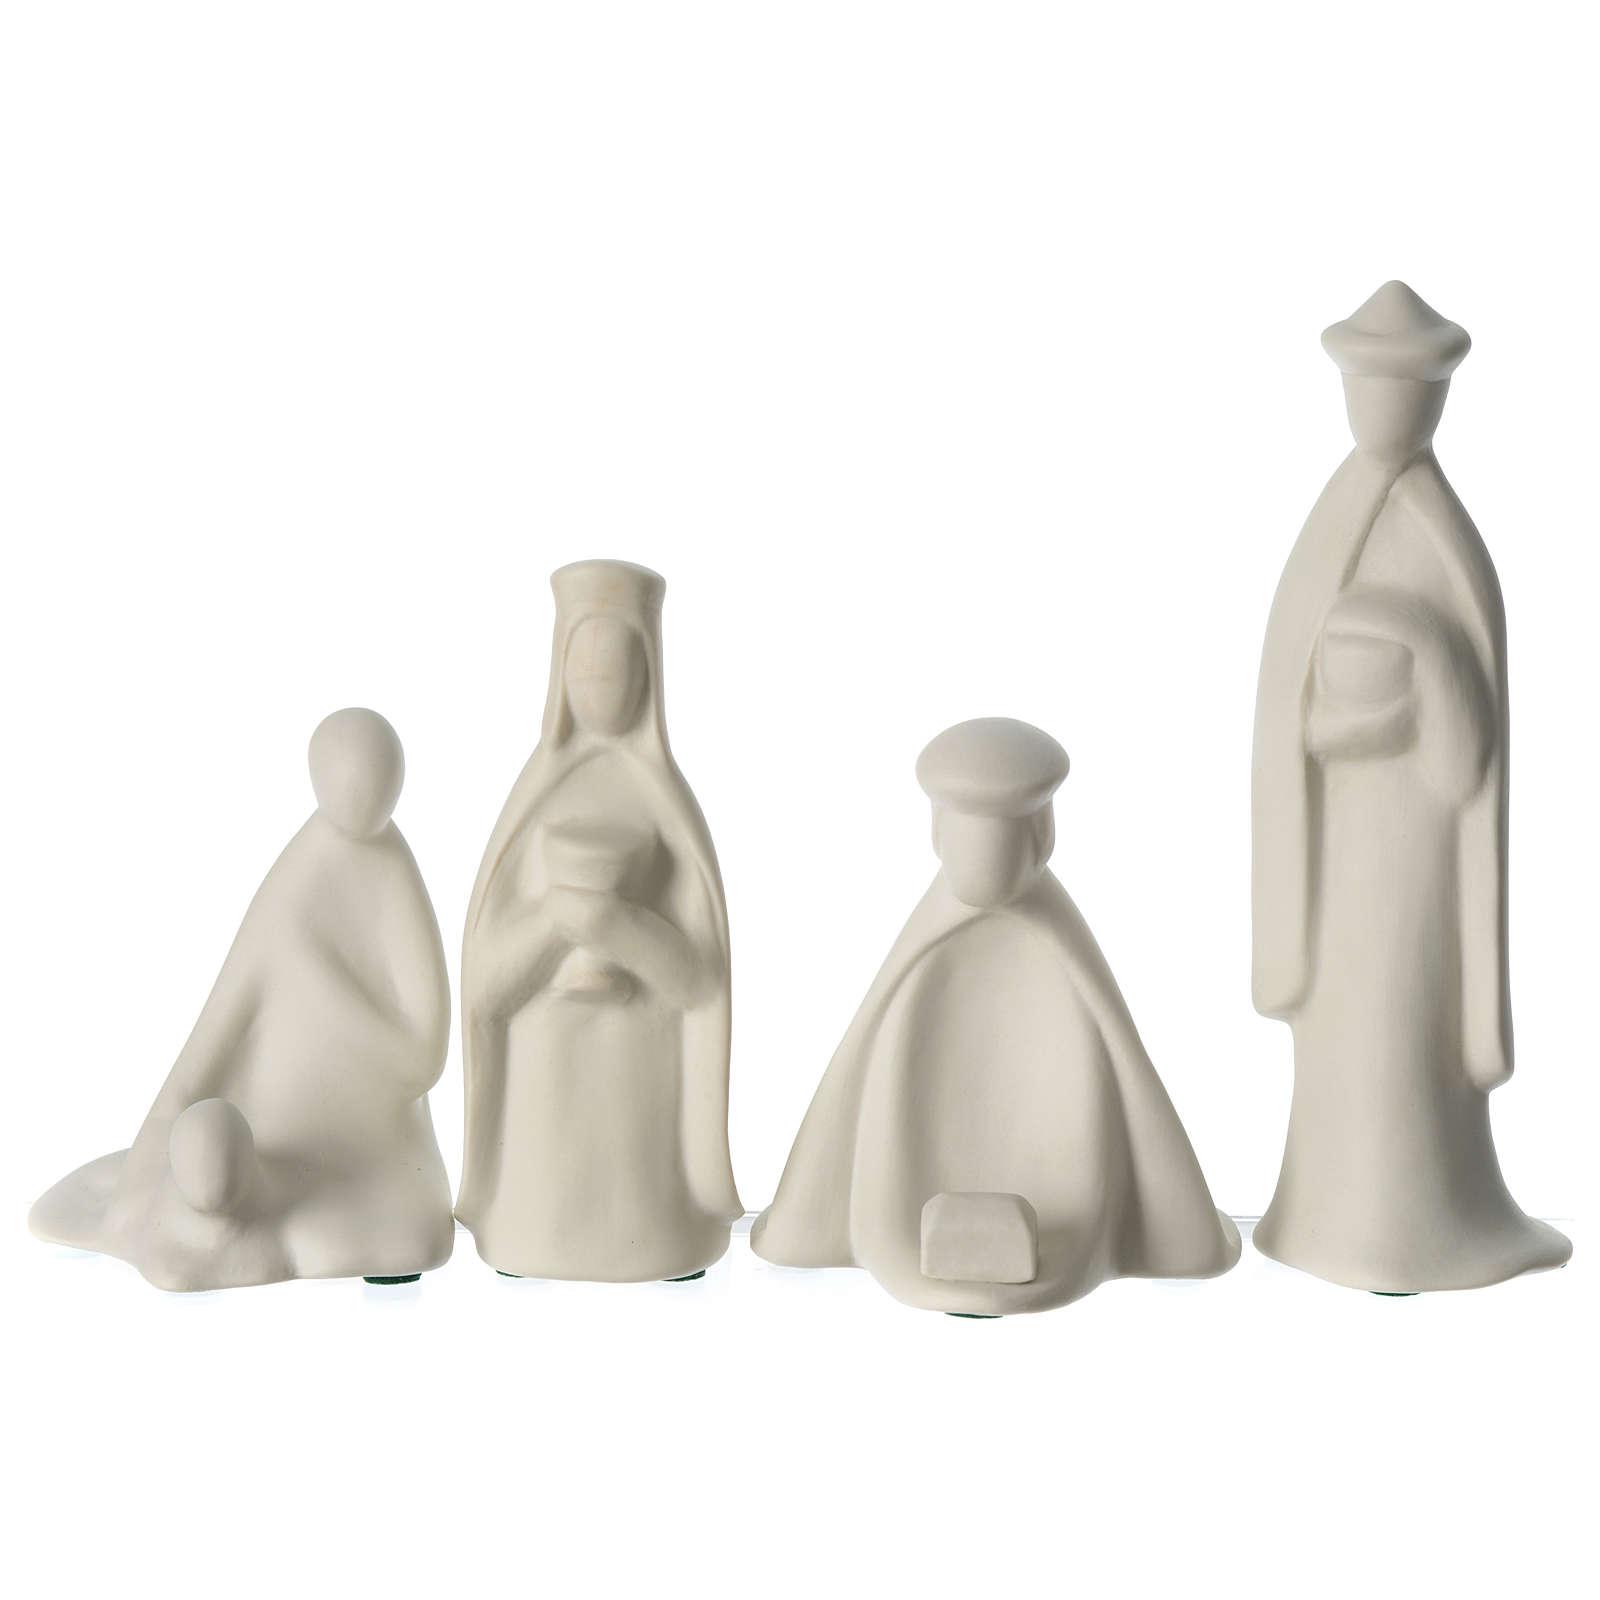 Three Wise Men and shepherd for 16 cm Nativity scene in porcelain Francesco Pinton 4